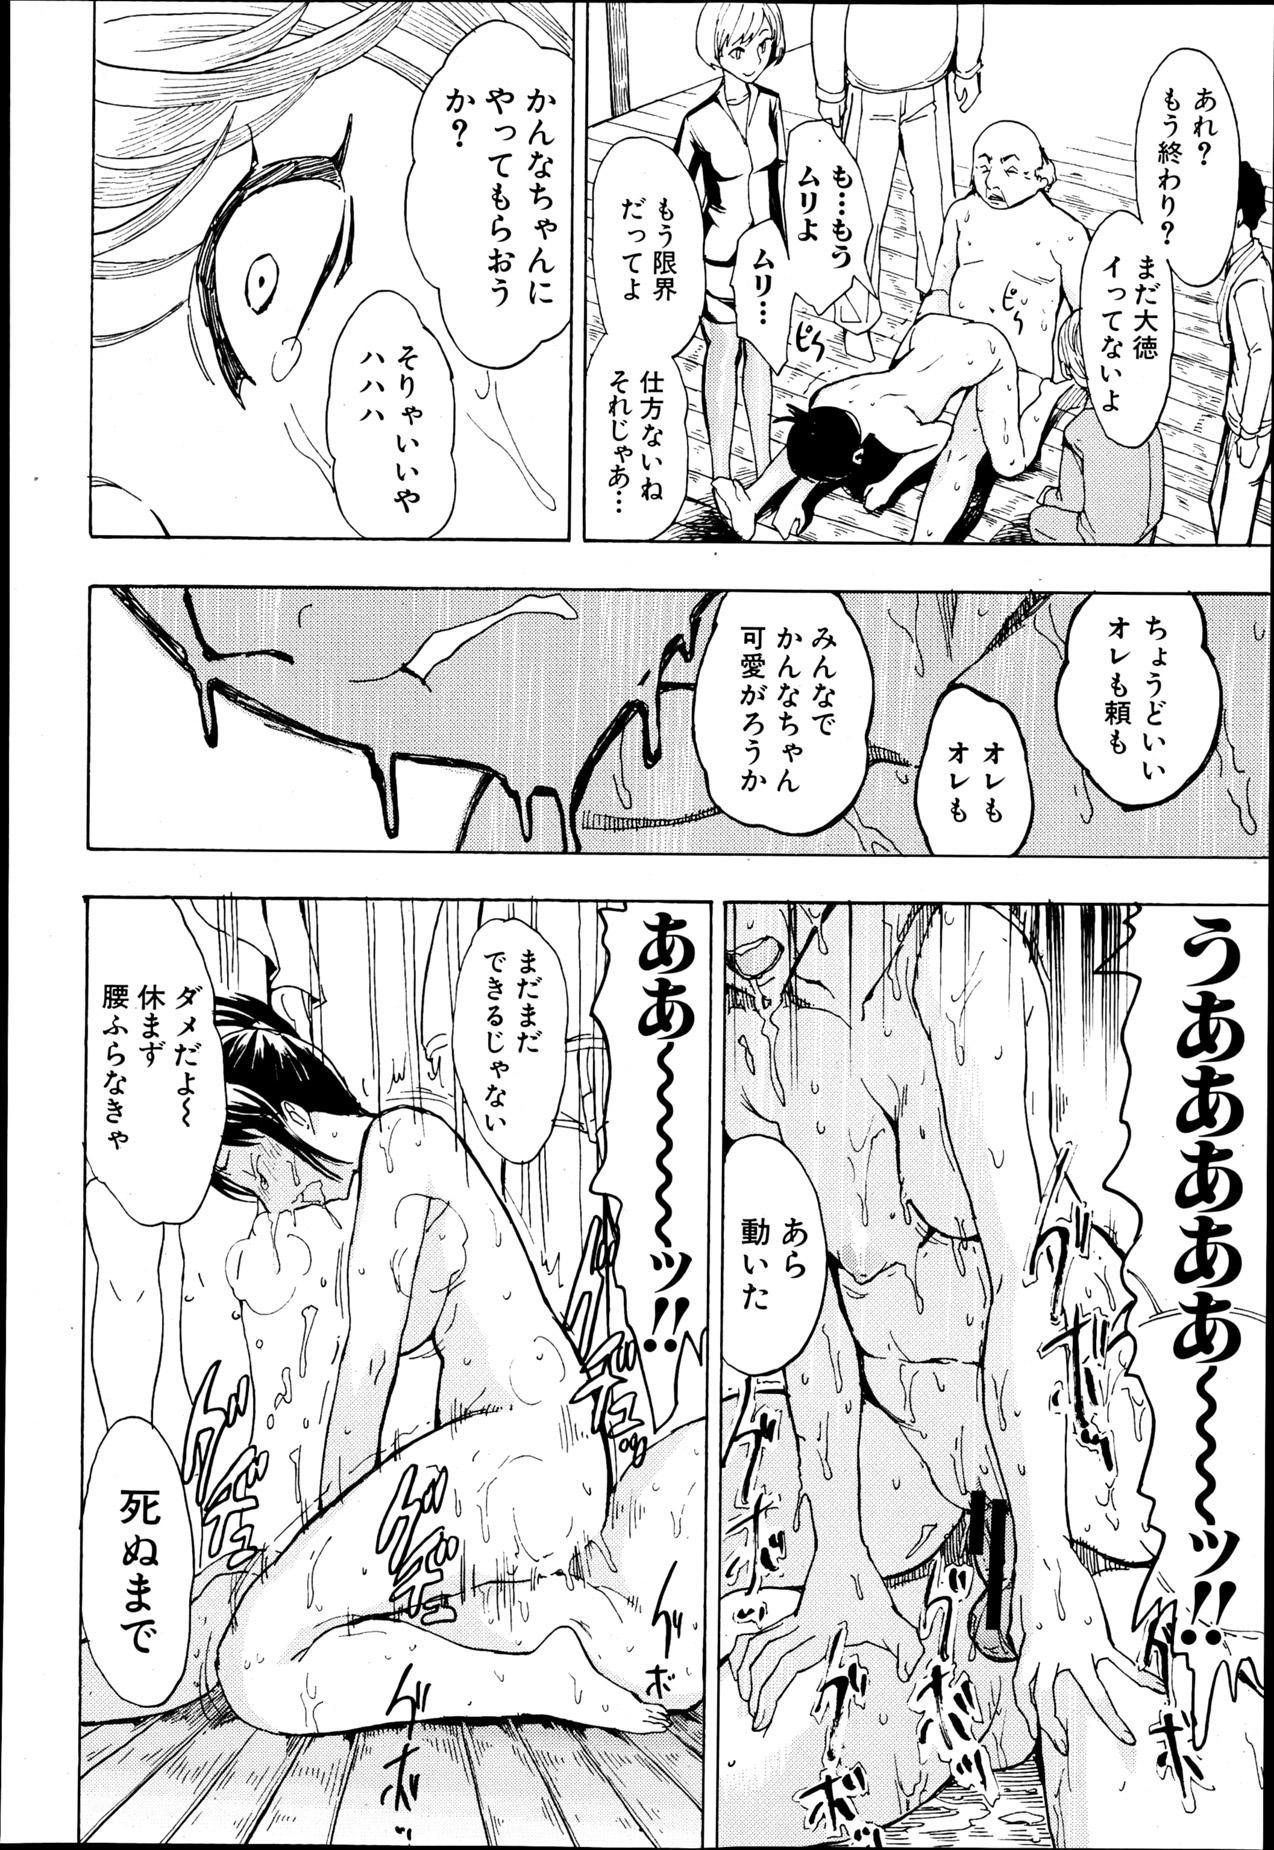 Kedamono no Ie Ch. 1-8 27